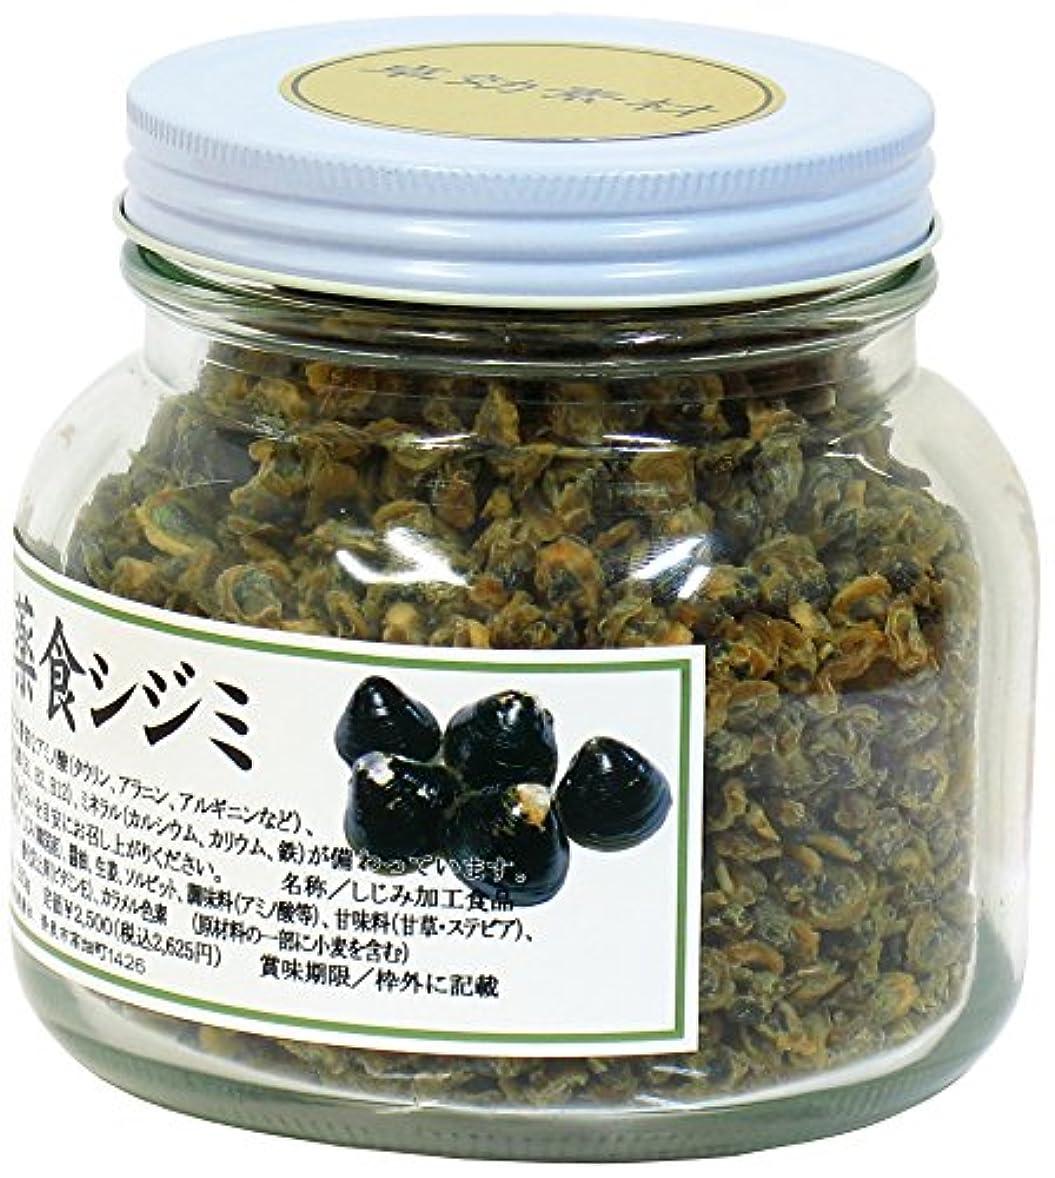 あいさつ粒子胸薬食シジミ260g 乾燥 オルニチン タウリン